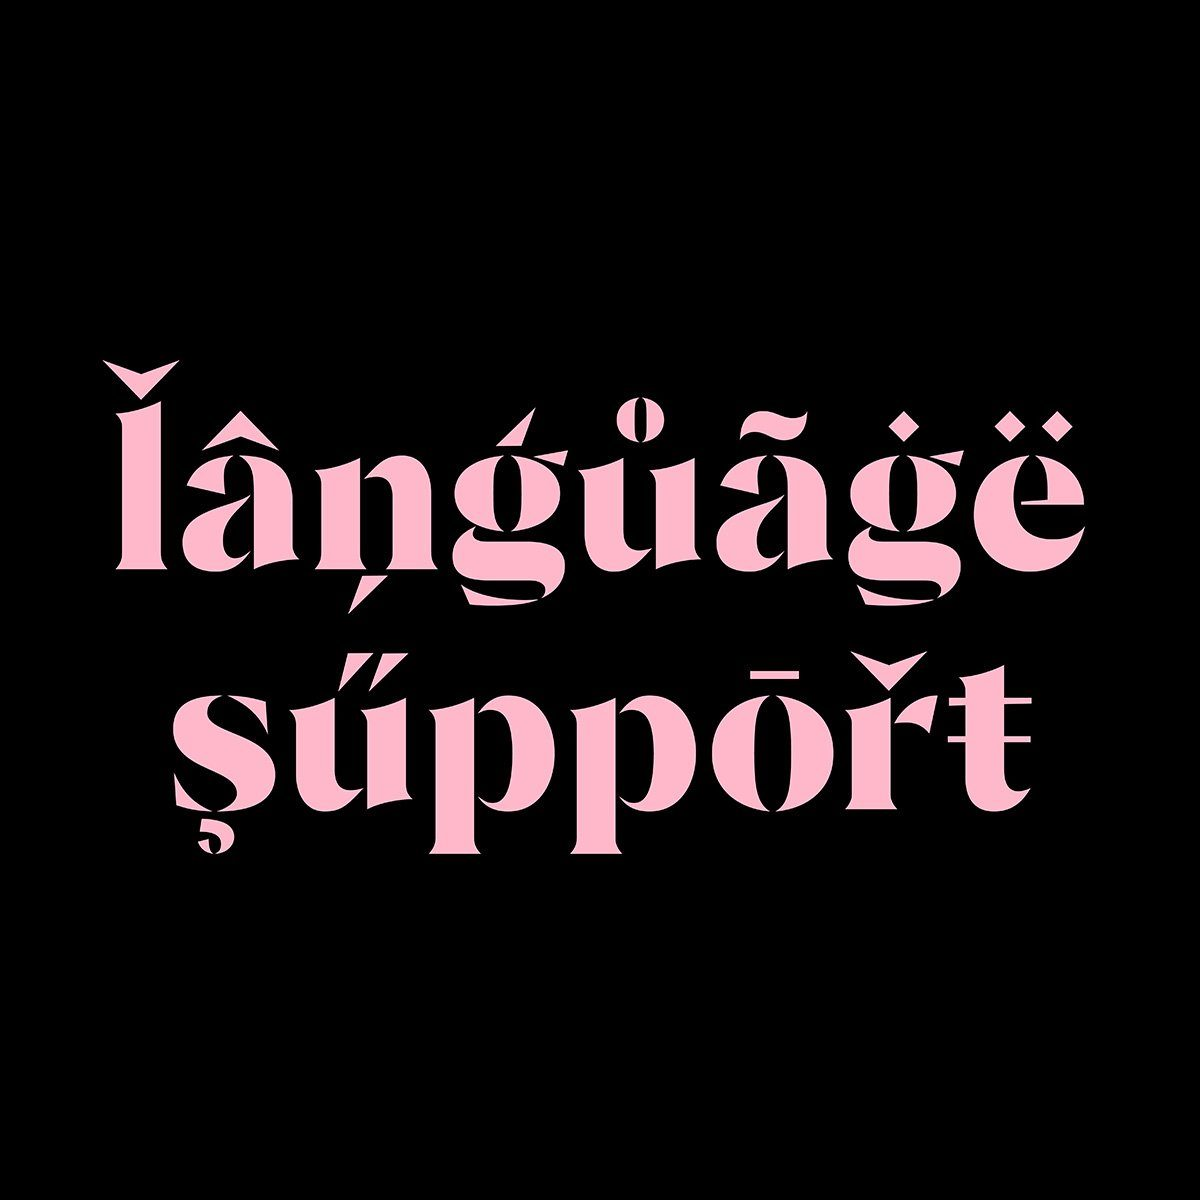 Céline stencil display typeface, language support